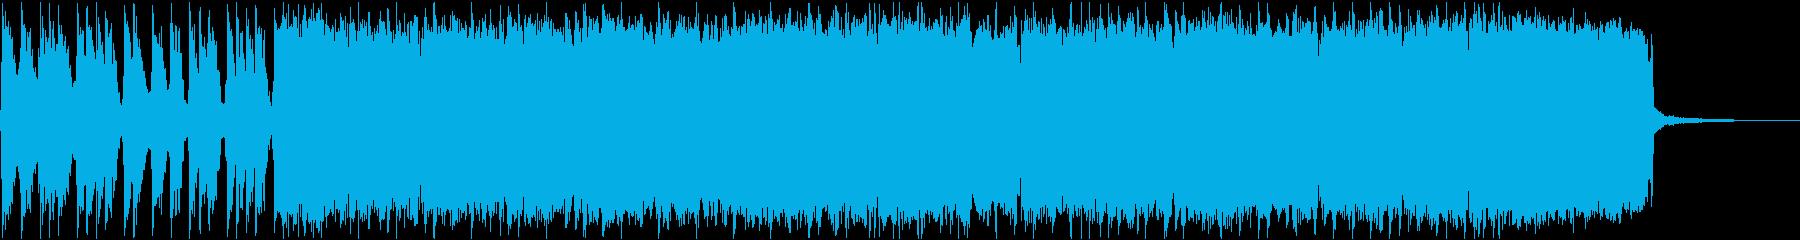 オープニング・イントロ・コミカル・パンクの再生済みの波形